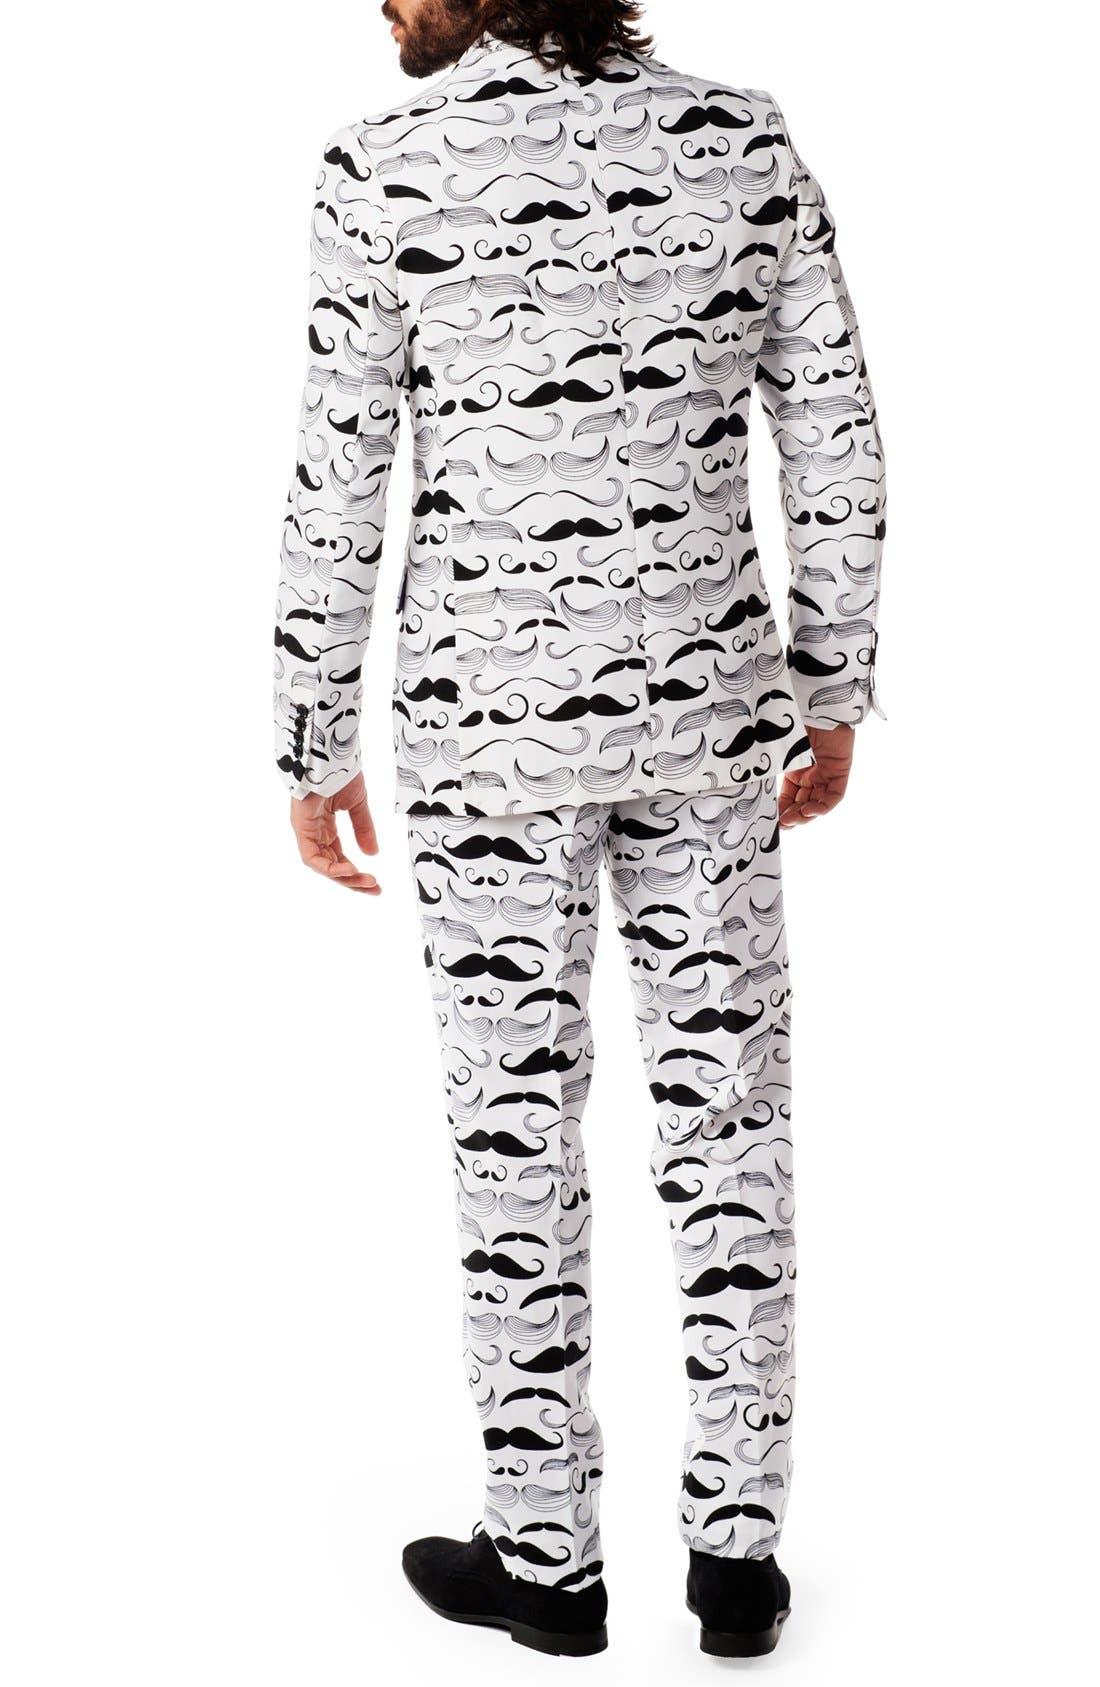 'Tashtastic' Trim Fit Two-Piece Suit with Tie,                             Alternate thumbnail 2, color,                             White